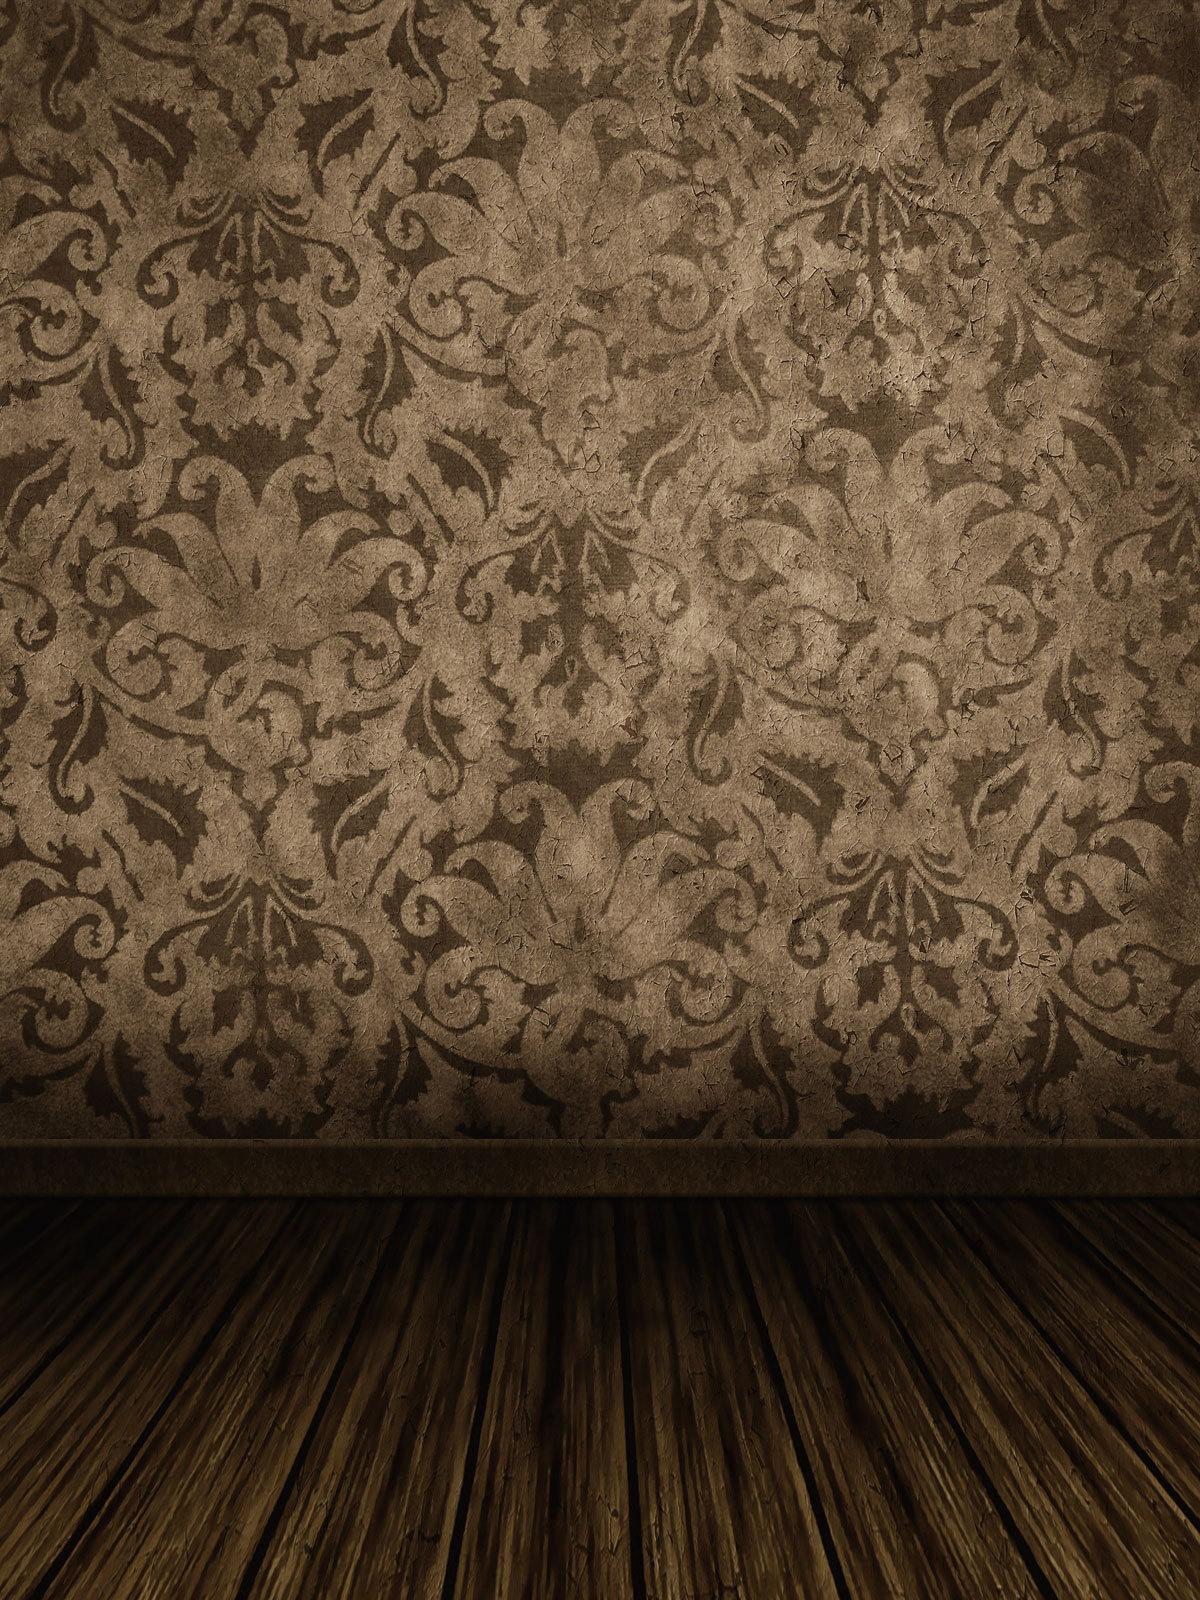 생명의 매직 박스 레트로 150x200cm 사용자 정의 사진 배경 배경 스튜디오 빈티지 사진 배경 J02759